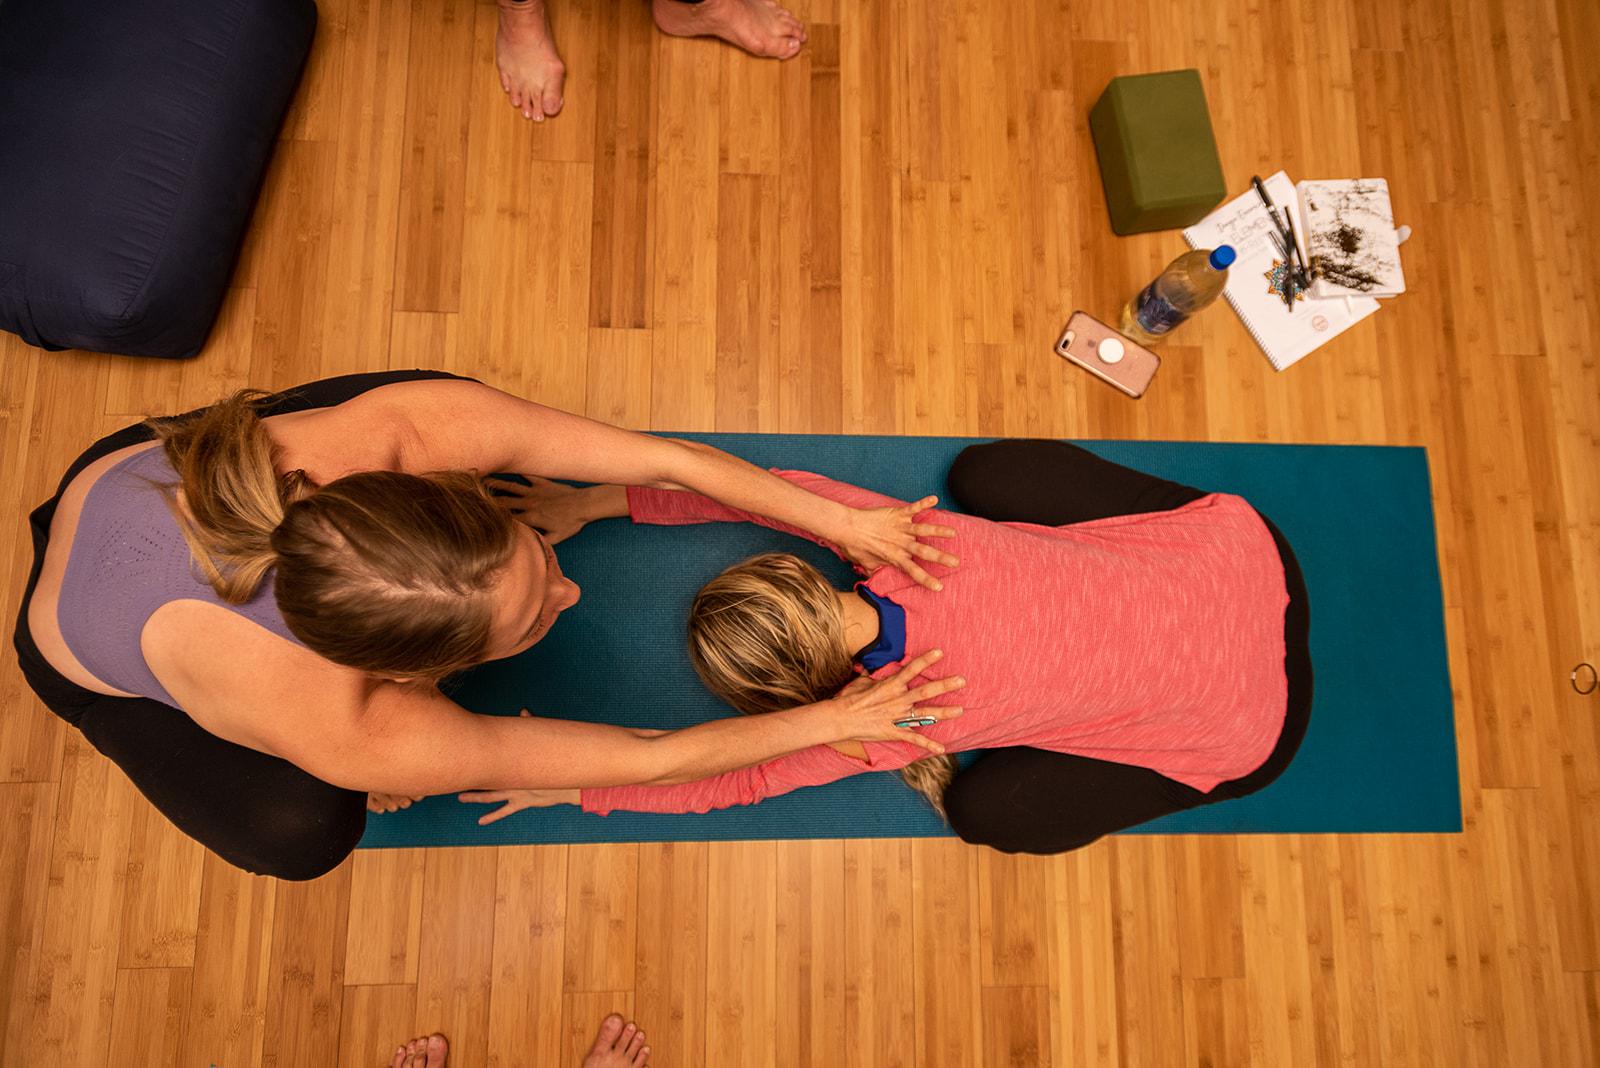 yin-yoga-teacher-training-durga-excursions-sedona-I-2019-18.jpg